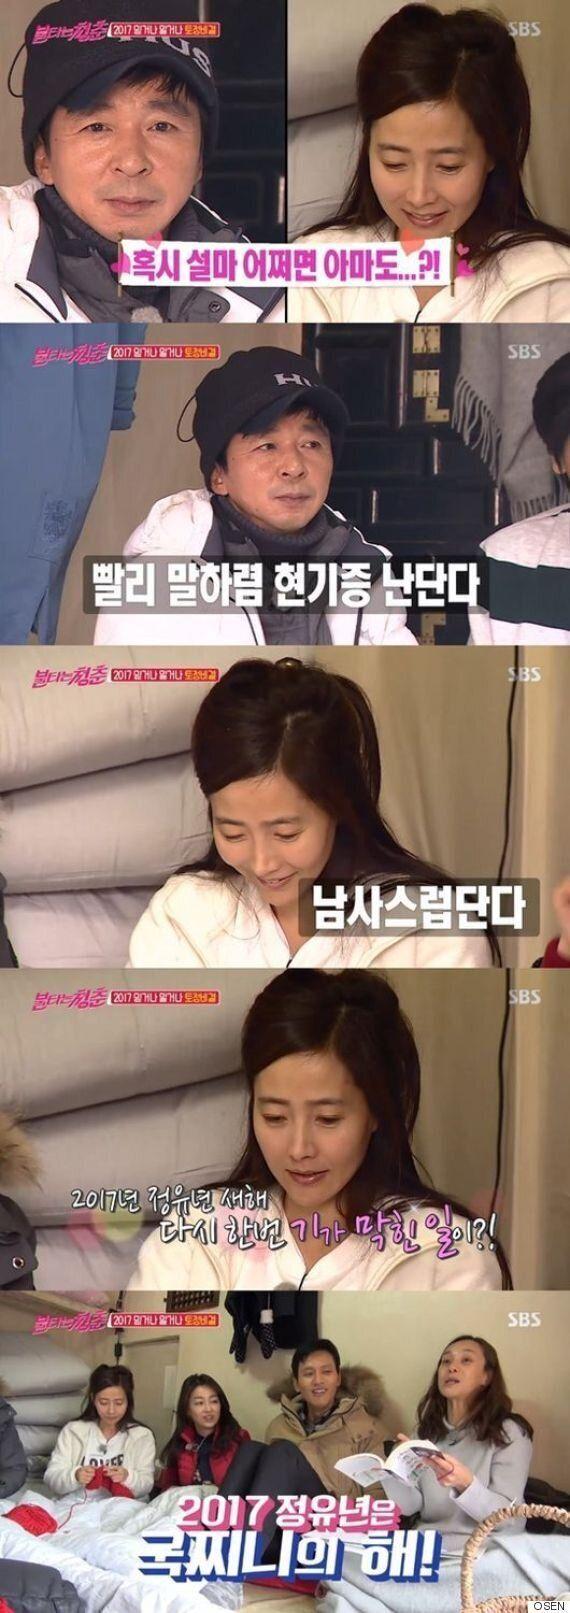 [어저께TV] '불청' 김국진♥강수지, 올해엔 국수